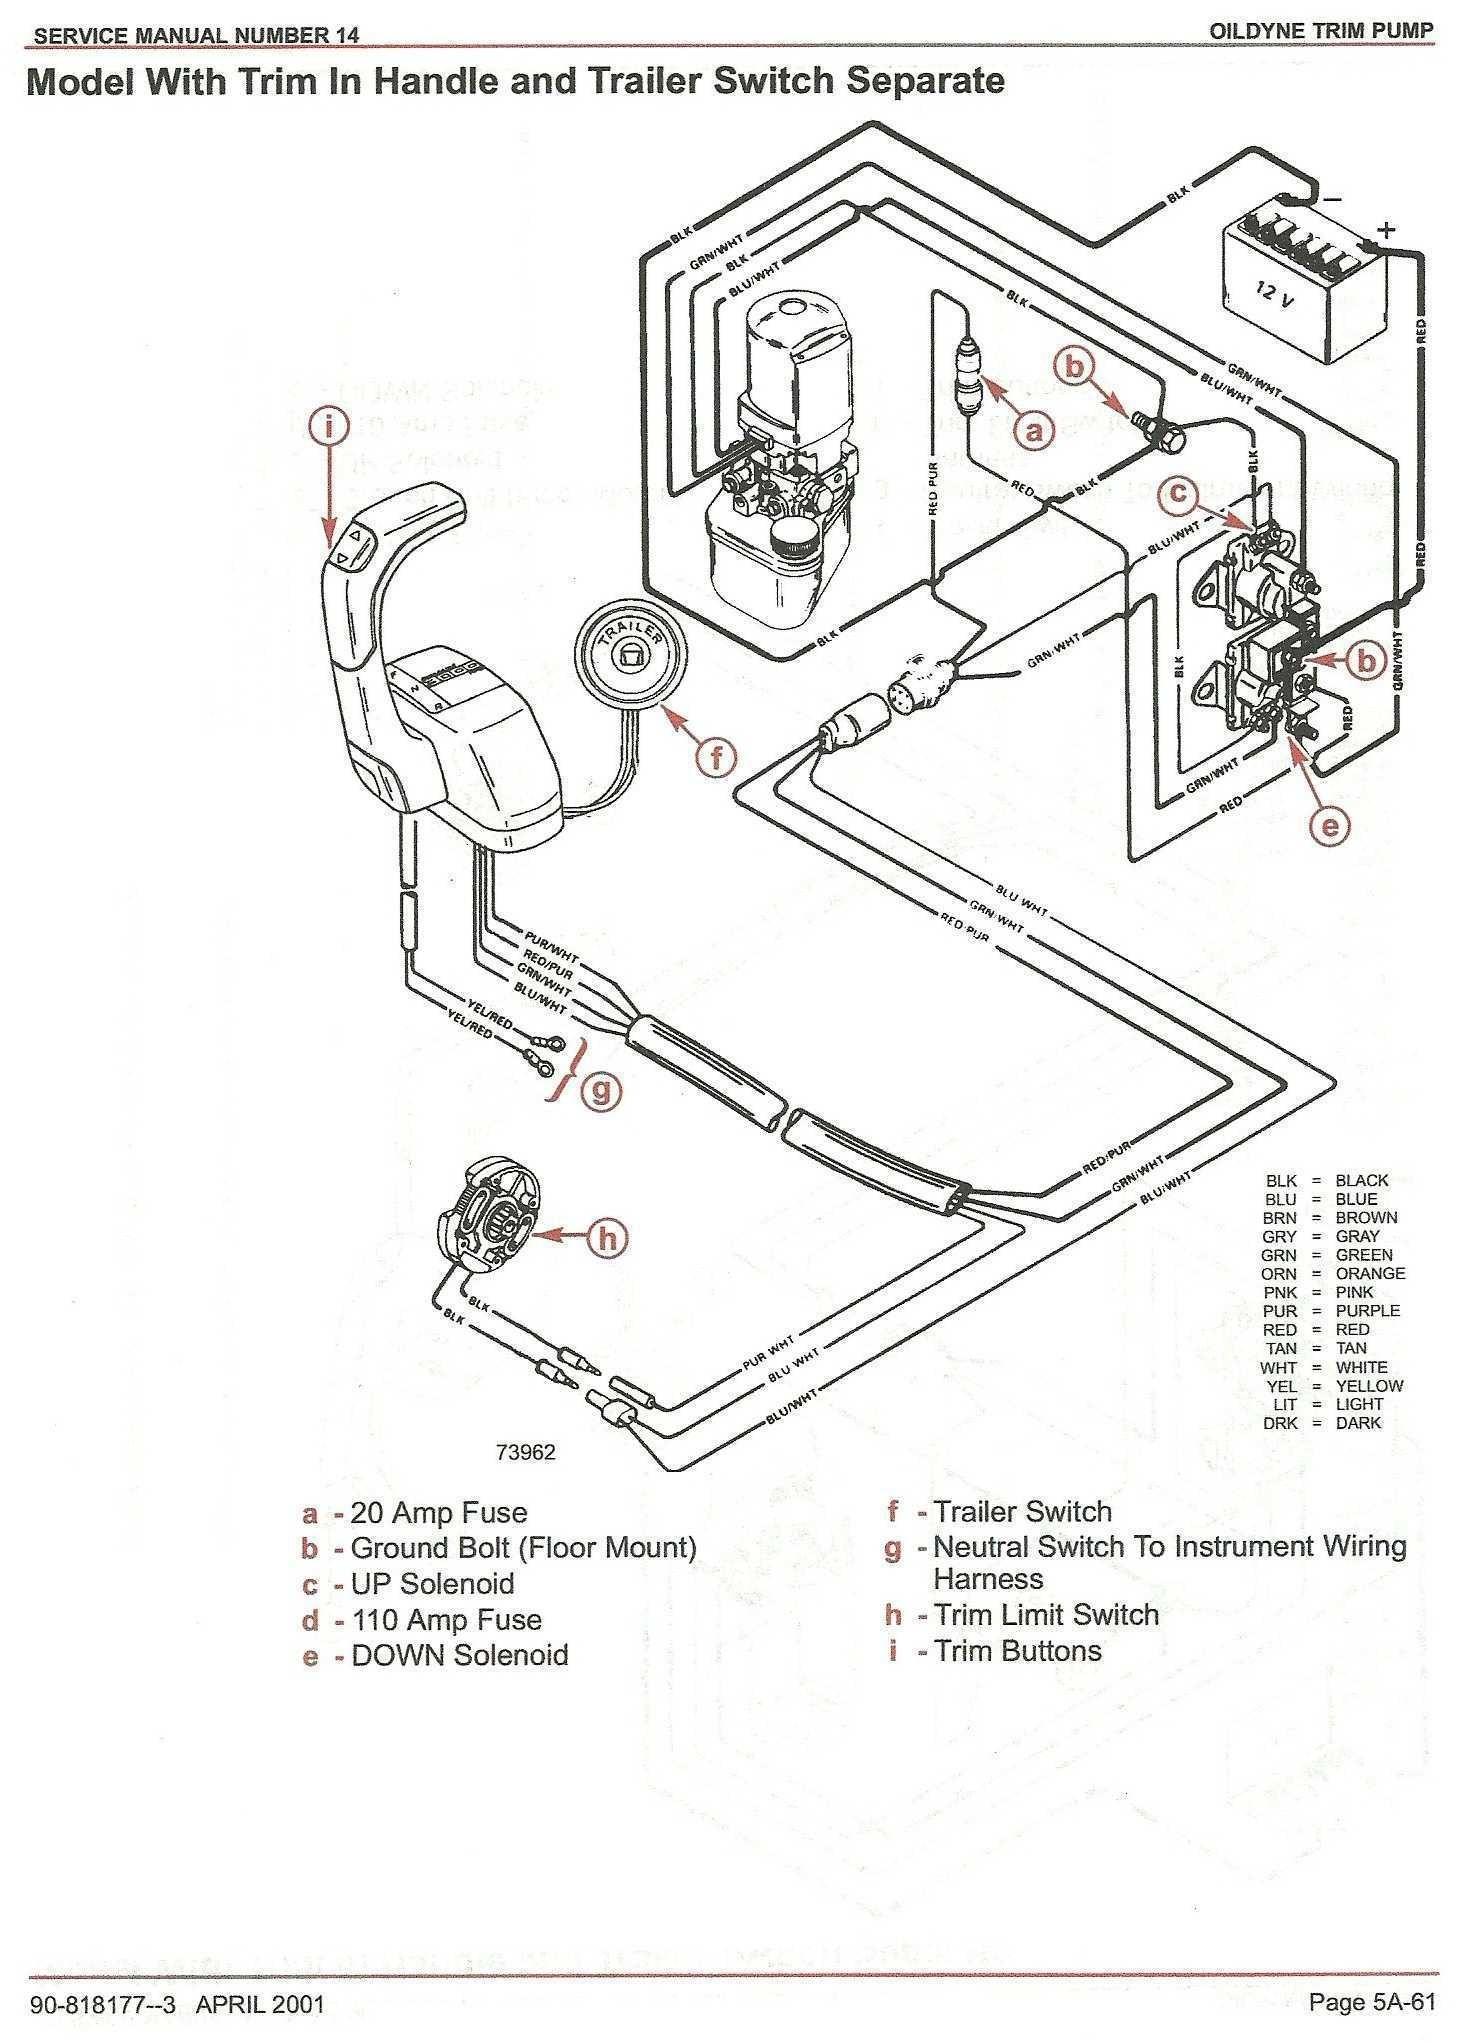 hight resolution of 24 volt 2wire trim system wiring diagram wiring diagram data schemawrg 7447 24 volt 2wire